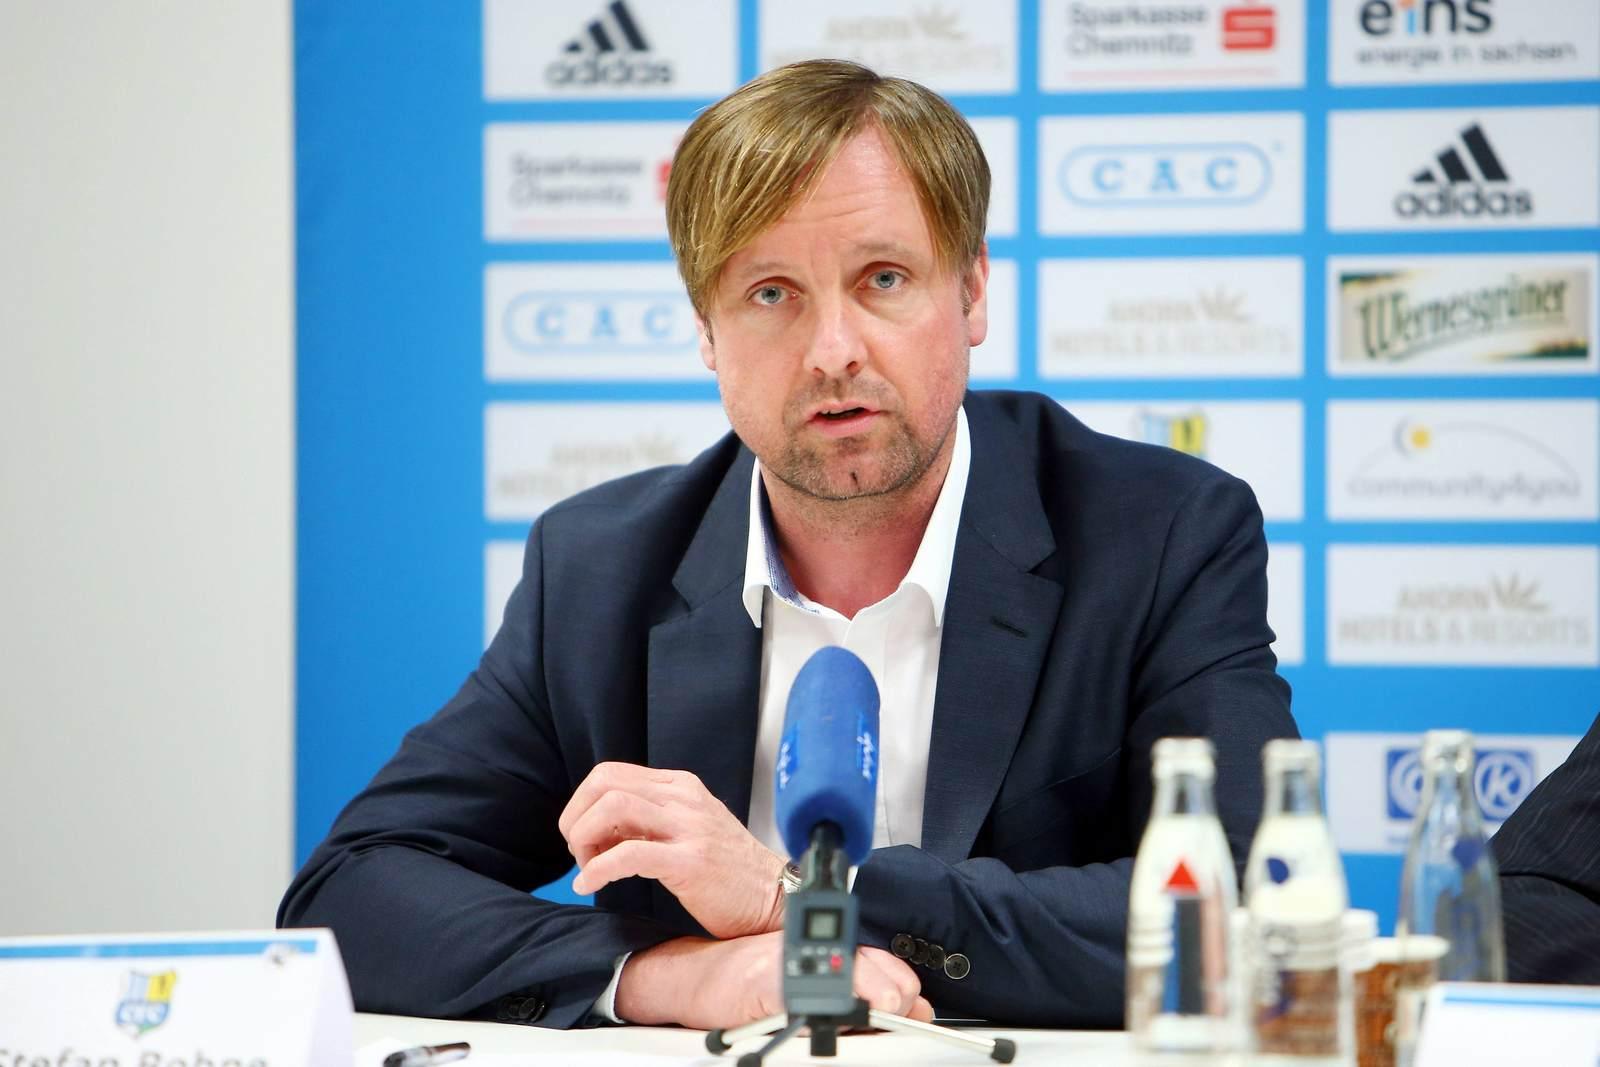 Stefan Bohne, Vorstand des Chemnitzer FC, auf der Pressekonferenz